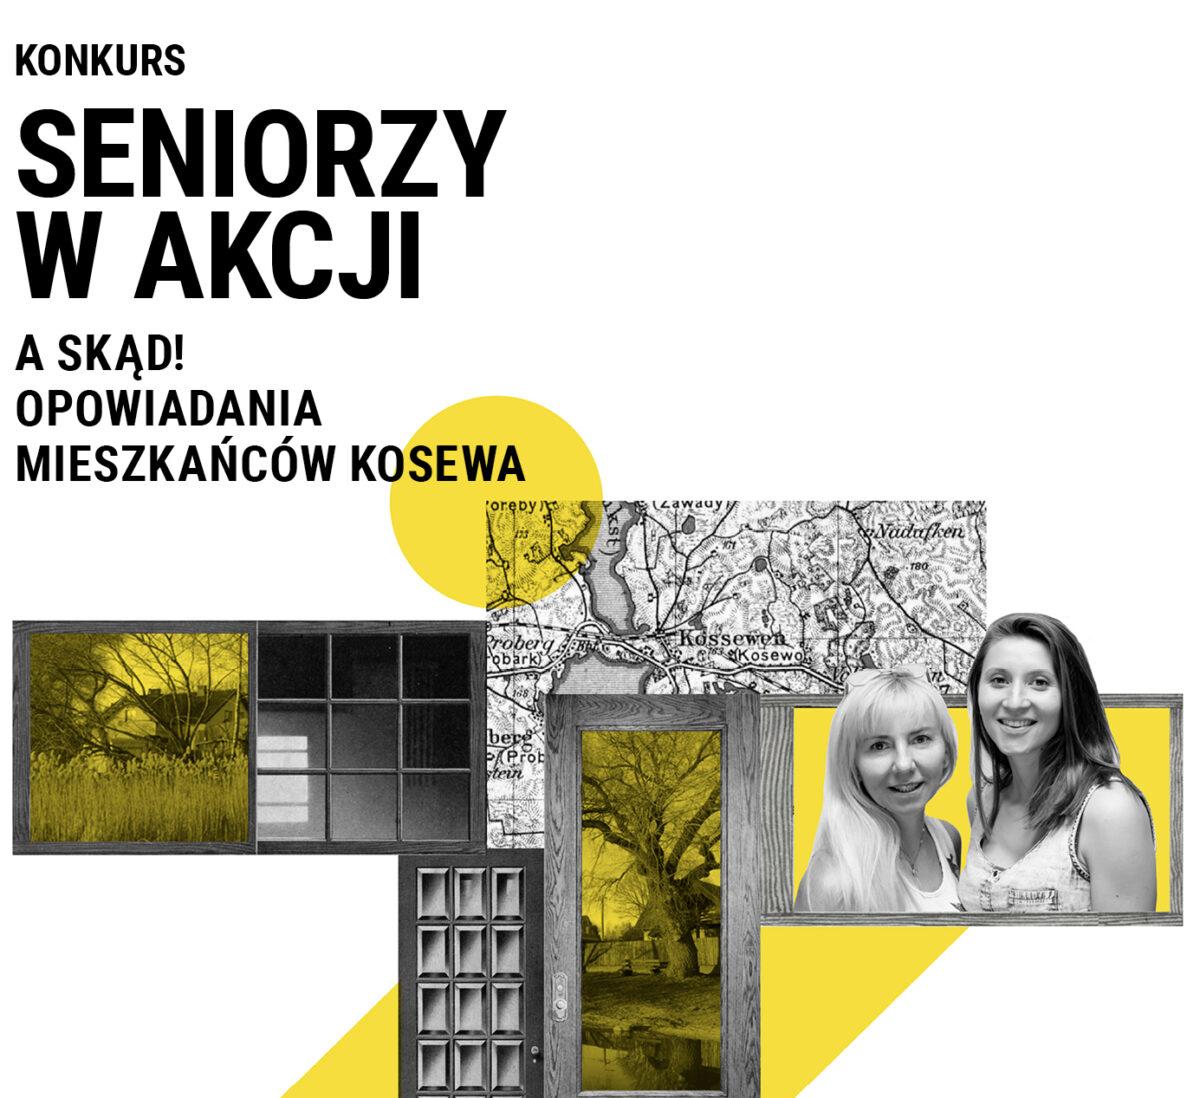 ASKĄD: opowiadania mieszkańców Kosewa